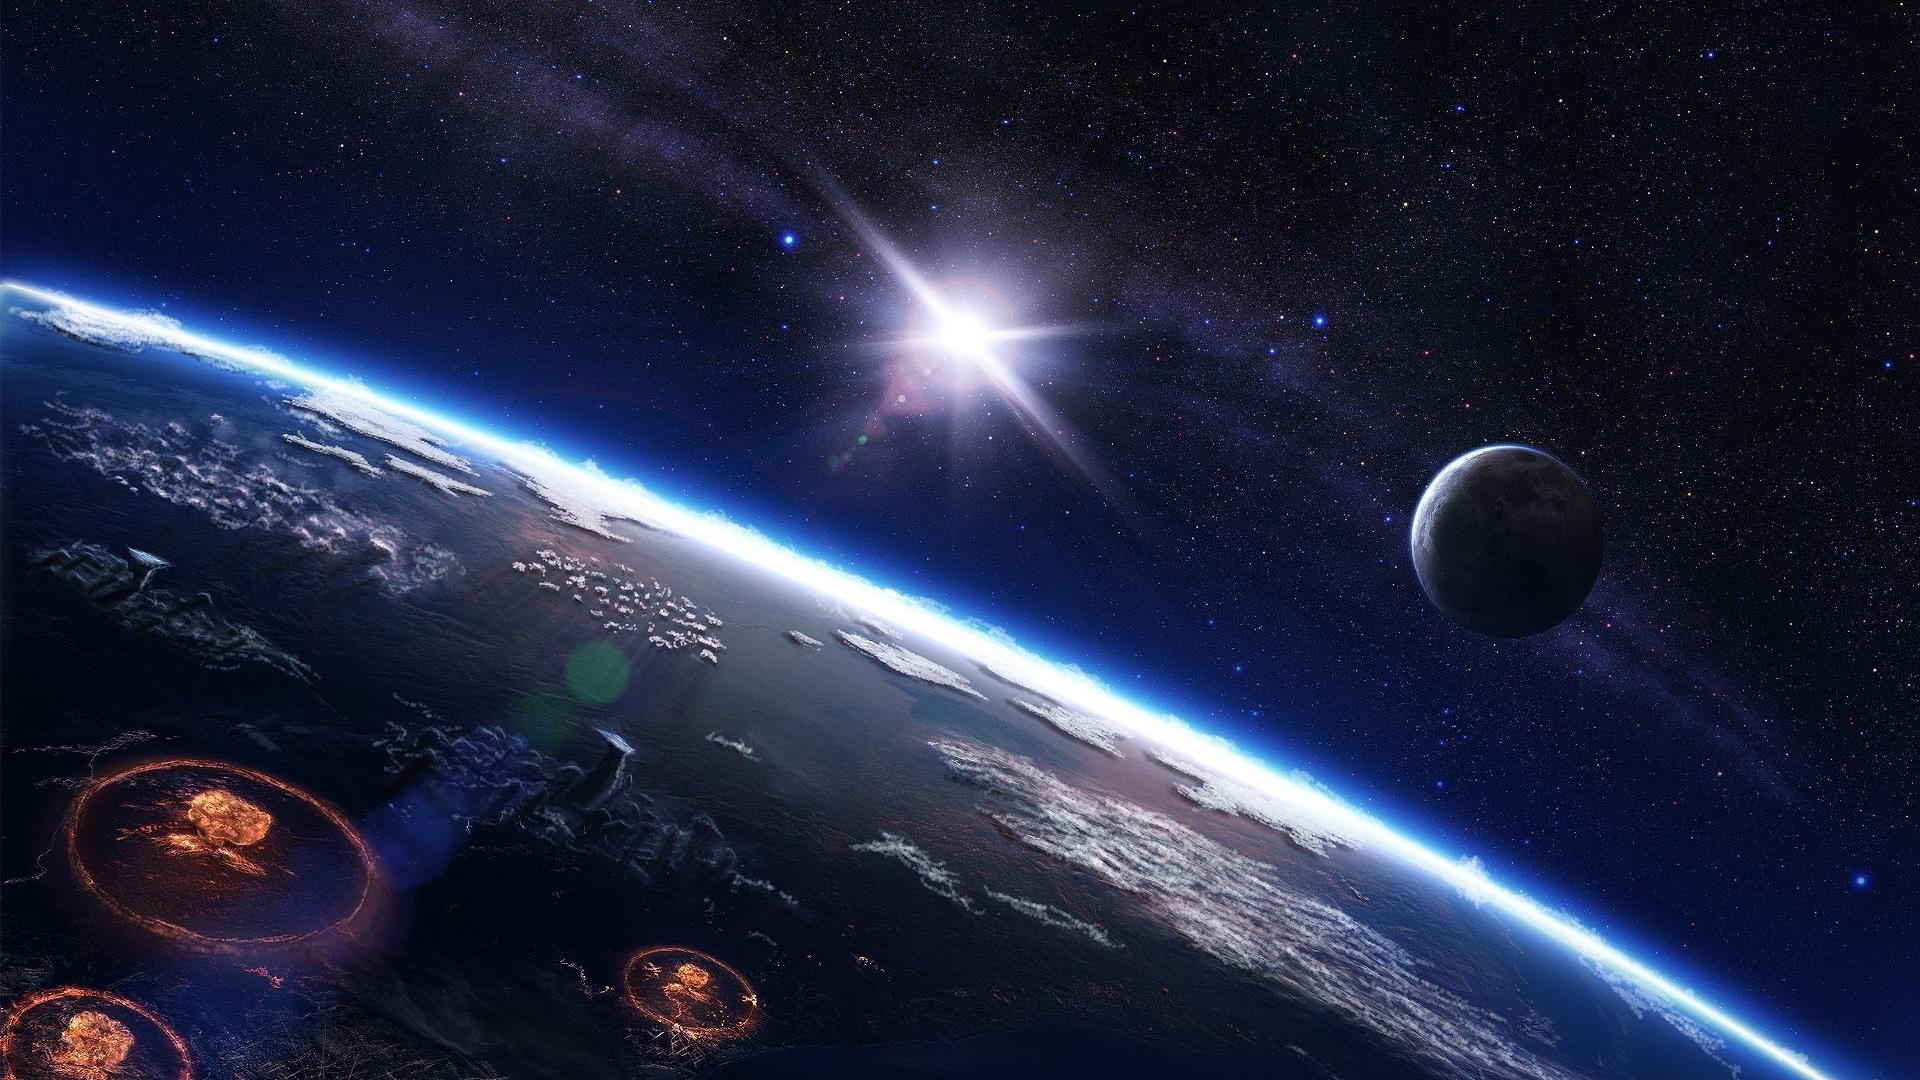 space wallpaper – Space Wallpaper (32897757) – Fanpop